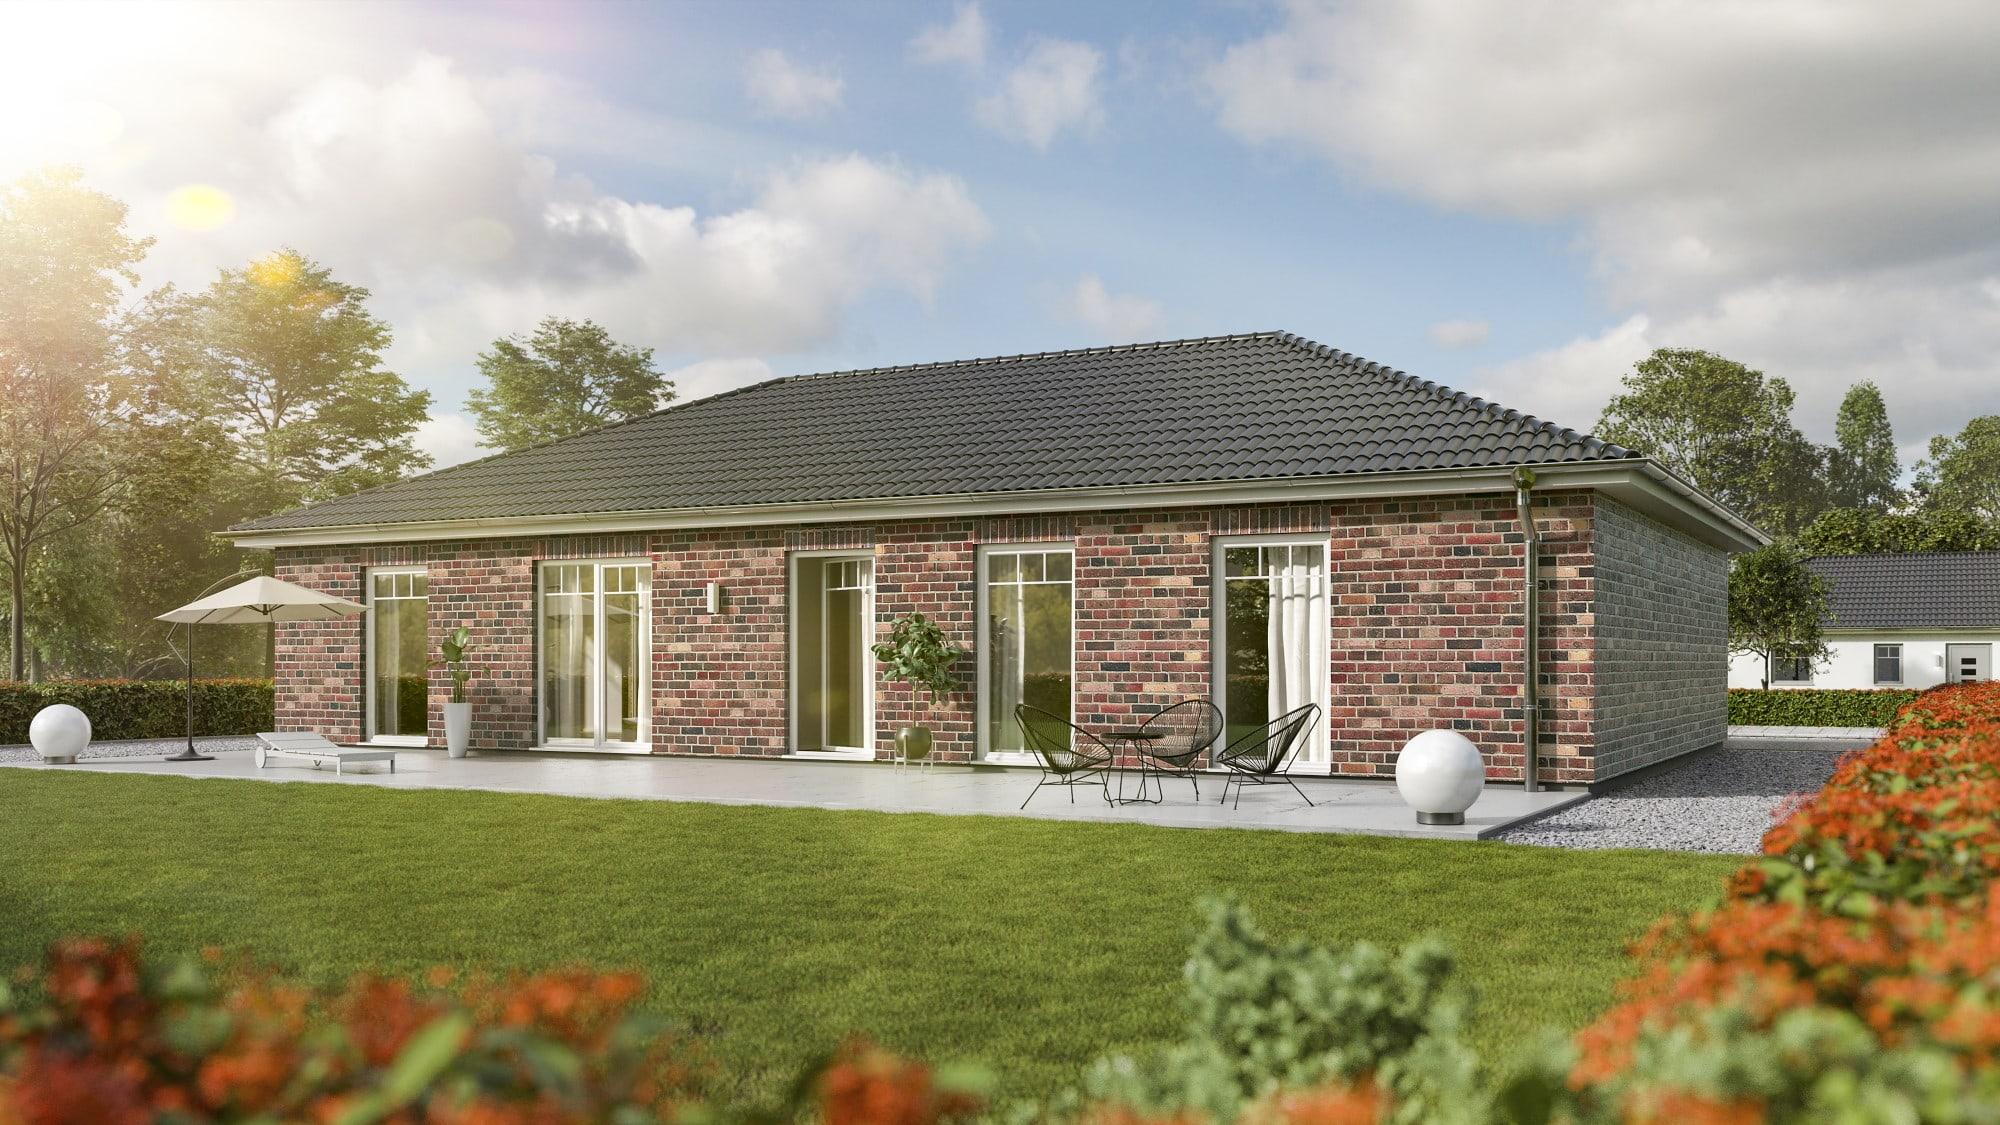 Bungalow Haus mit Klinker Fassade im Landhausstil, 5 Zimmer, 130 qm - Massivhaus bauen Ideen Town Country Haus Bungalow 131 Klinker rot - HausbauDirekt.de